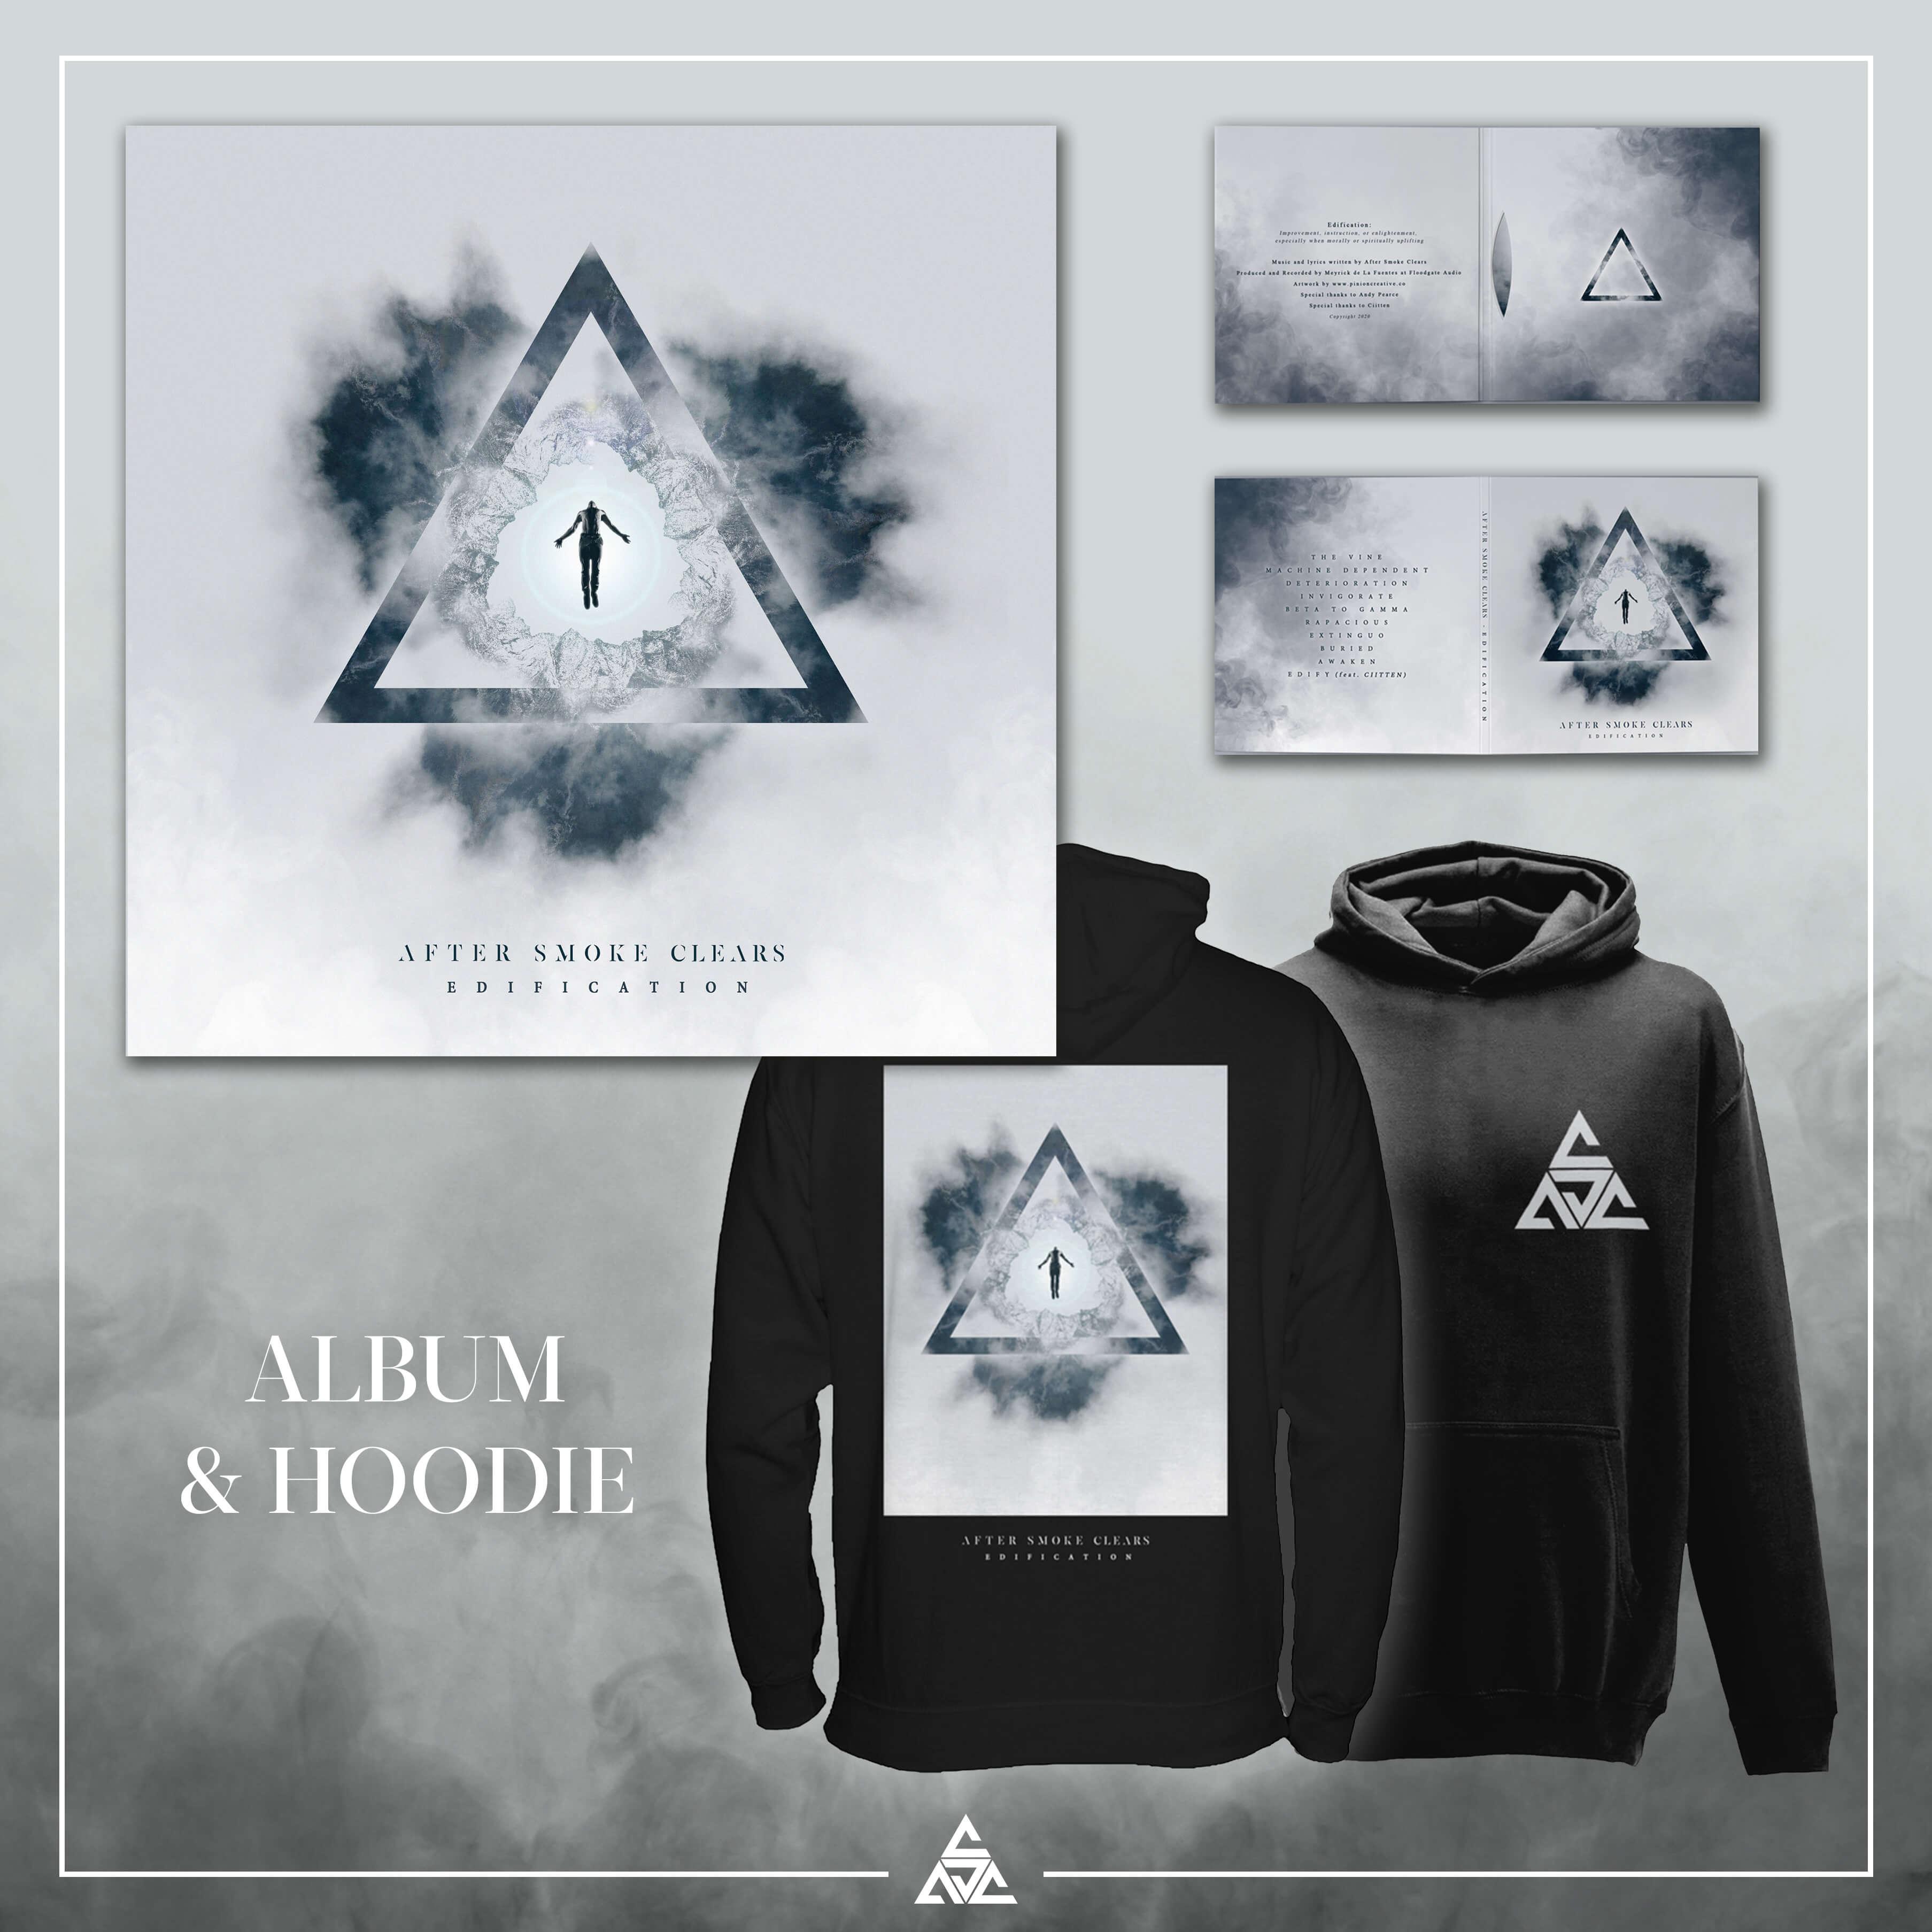 Album & Hoodie